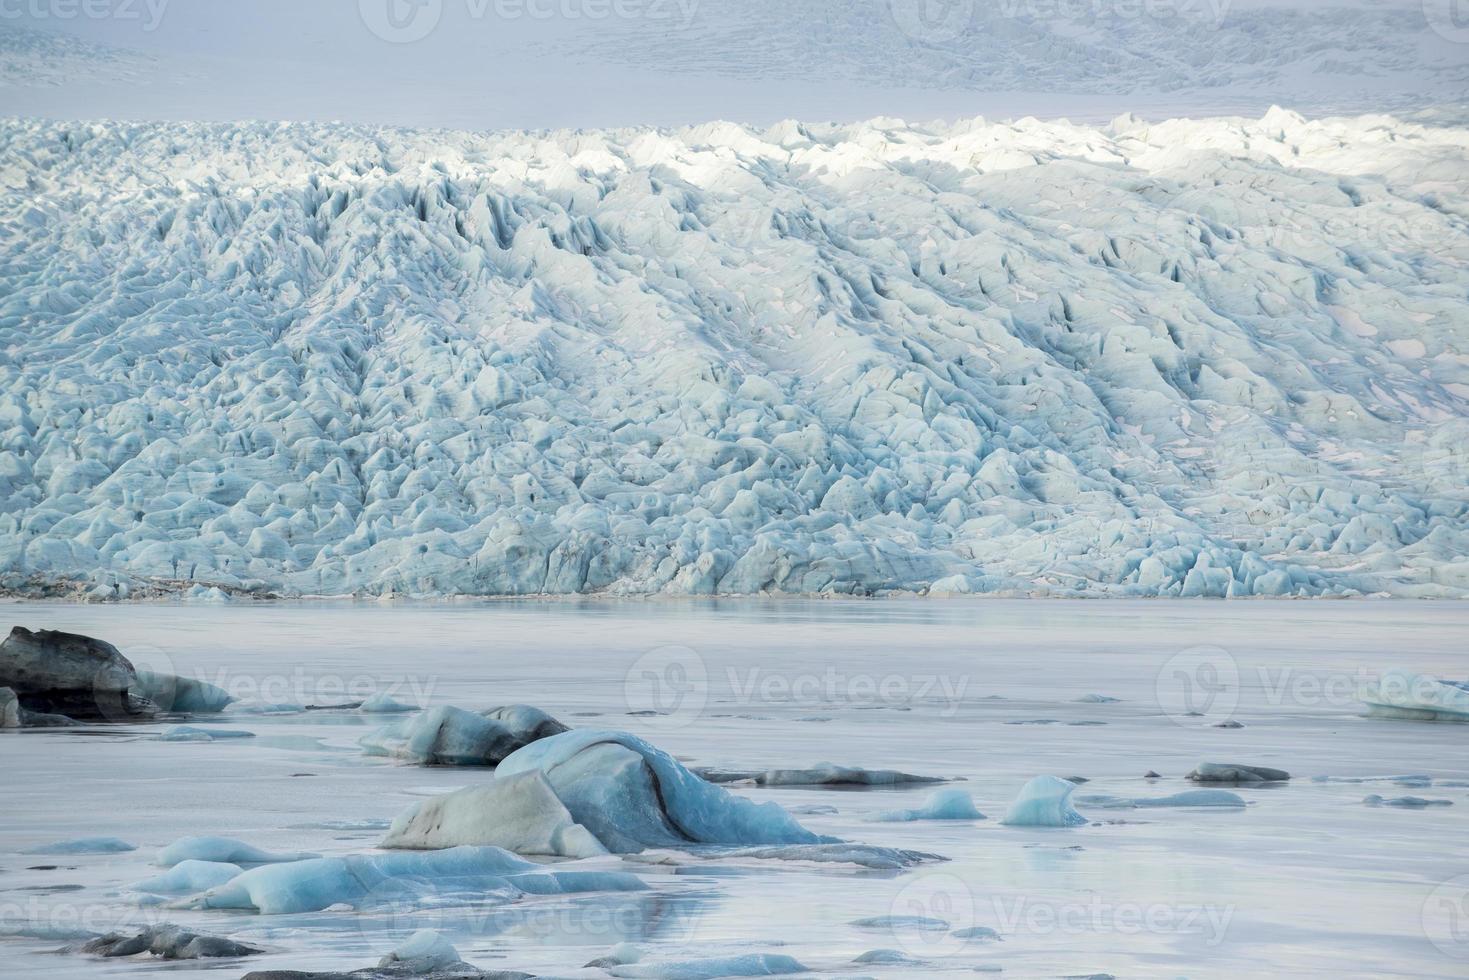 iceberg presso il lago glaciale e le montagne, Fjallsarlon, Islanda foto